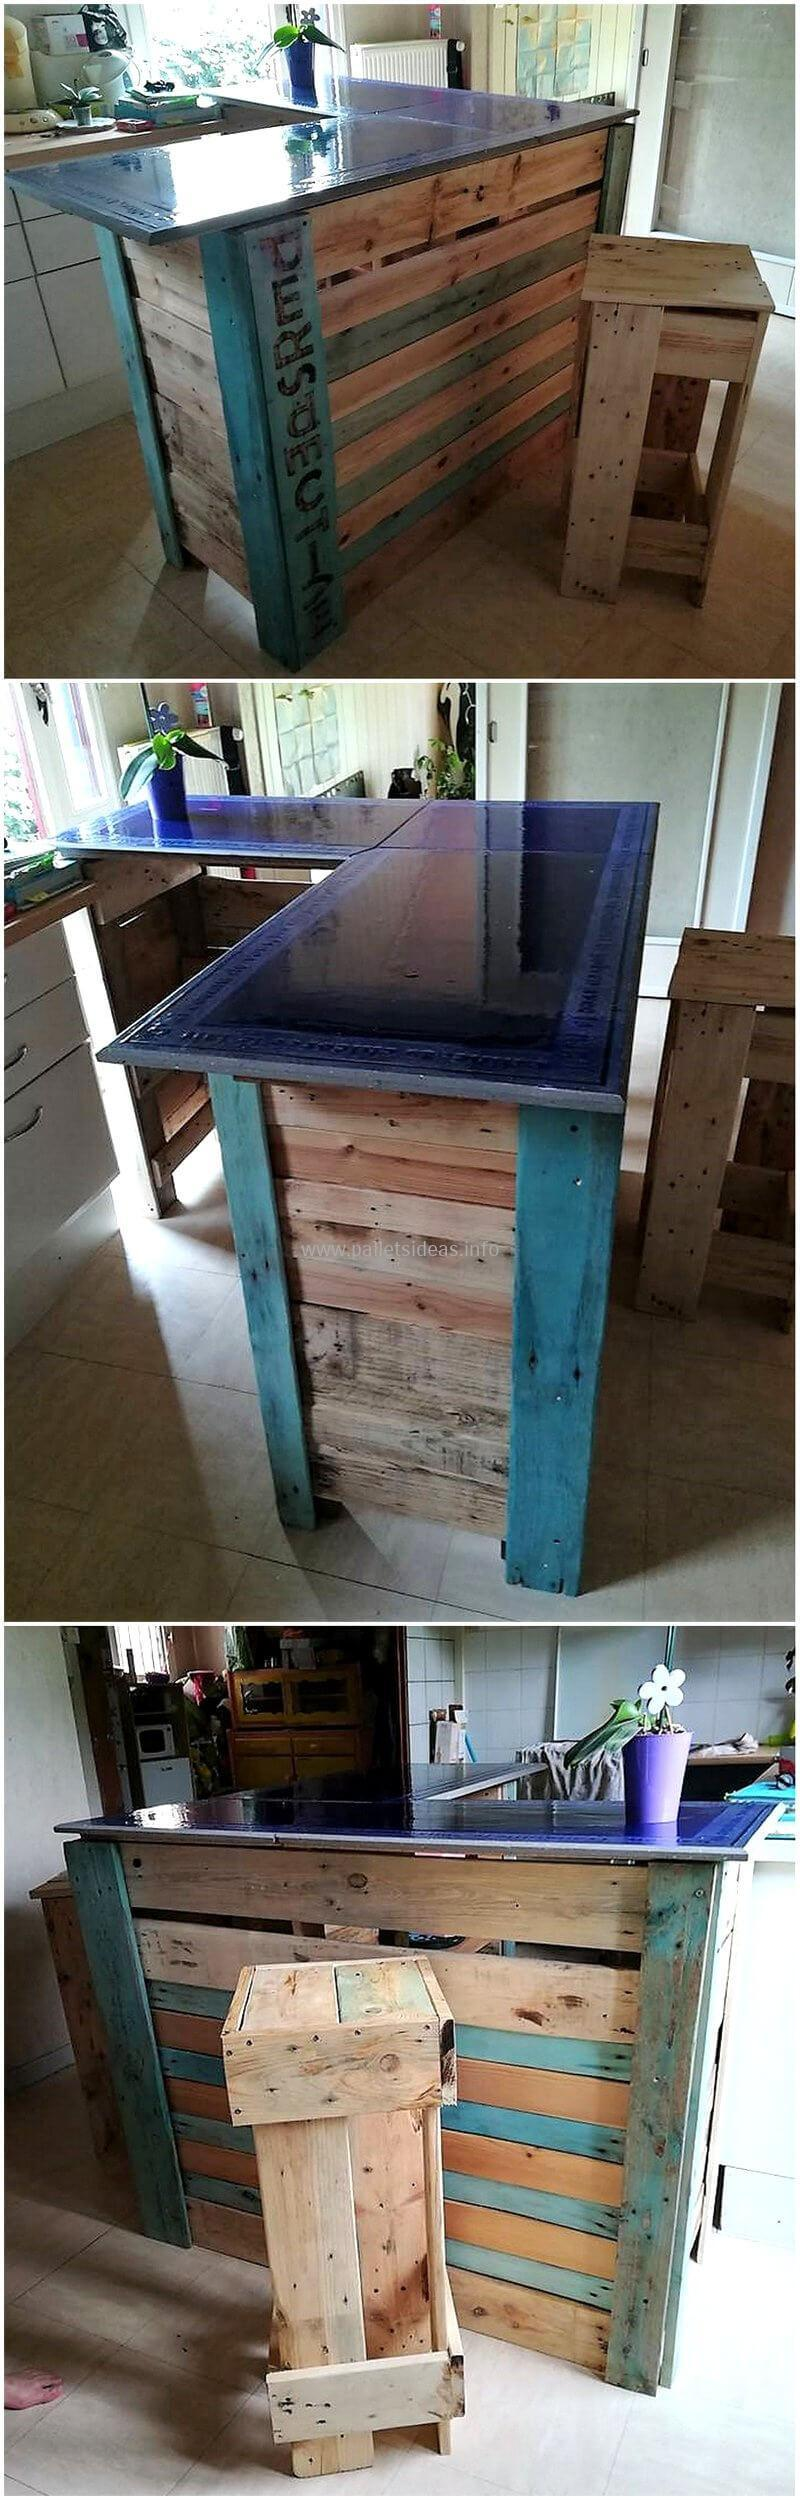 wood pallet bar plan 29